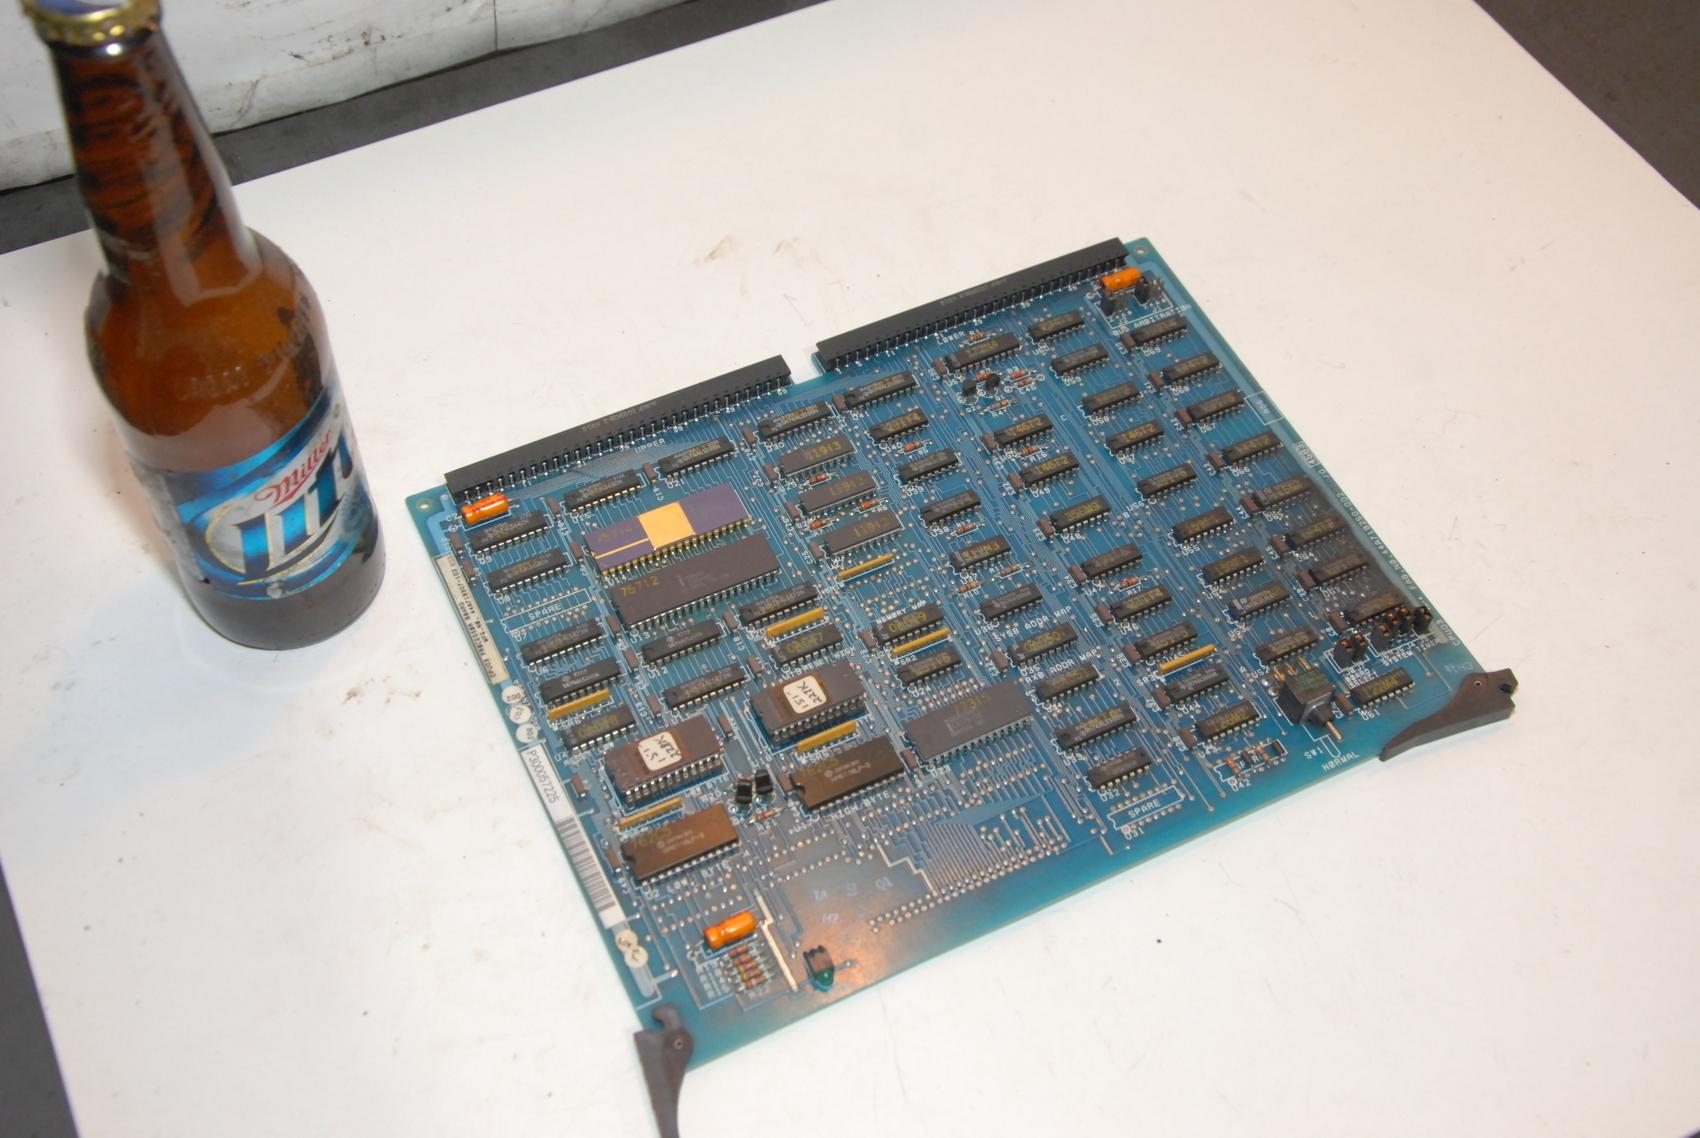 GE FANUC 44A719307-102 CPU03 PROCESSOR BOARD 44A719250-002 R00/0